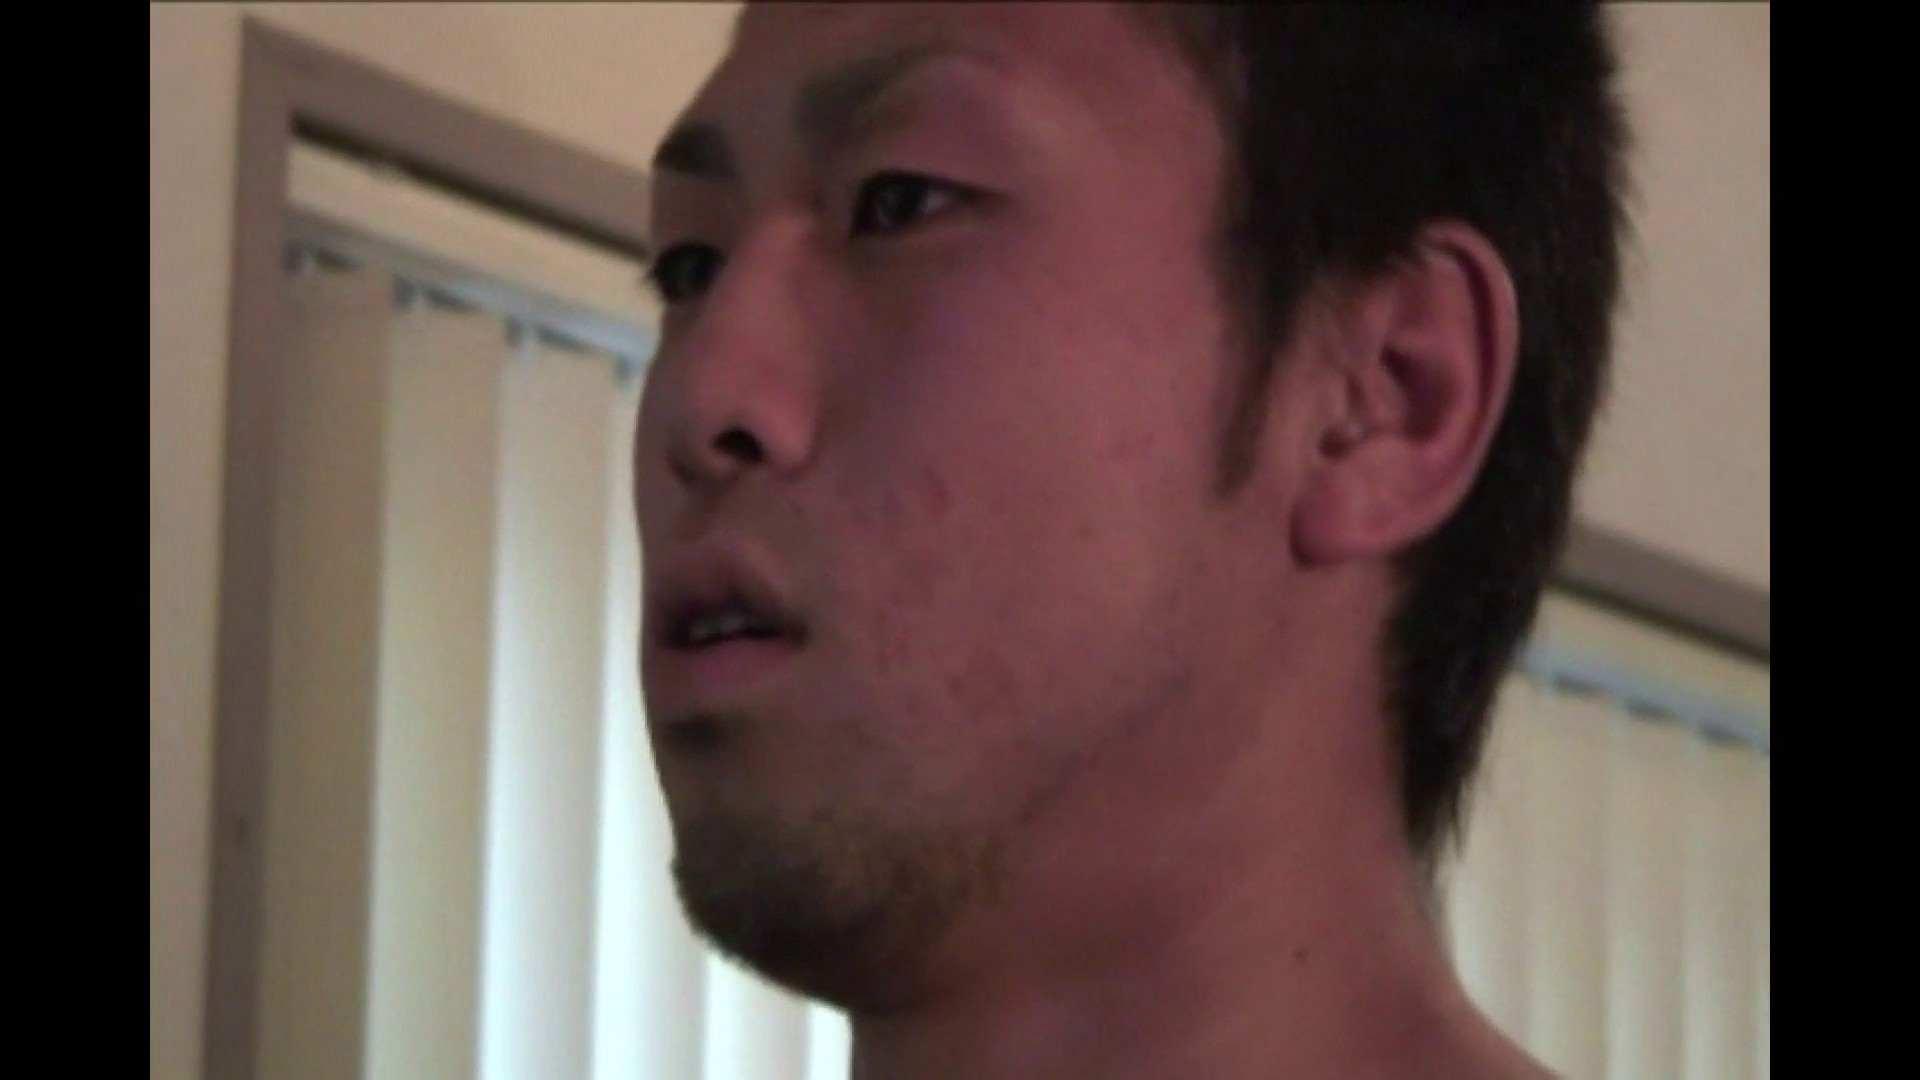 イケイケMEN'SCLUB vol.45 エロ特集 | 男どうし ゲイセックス画像 68pic 8